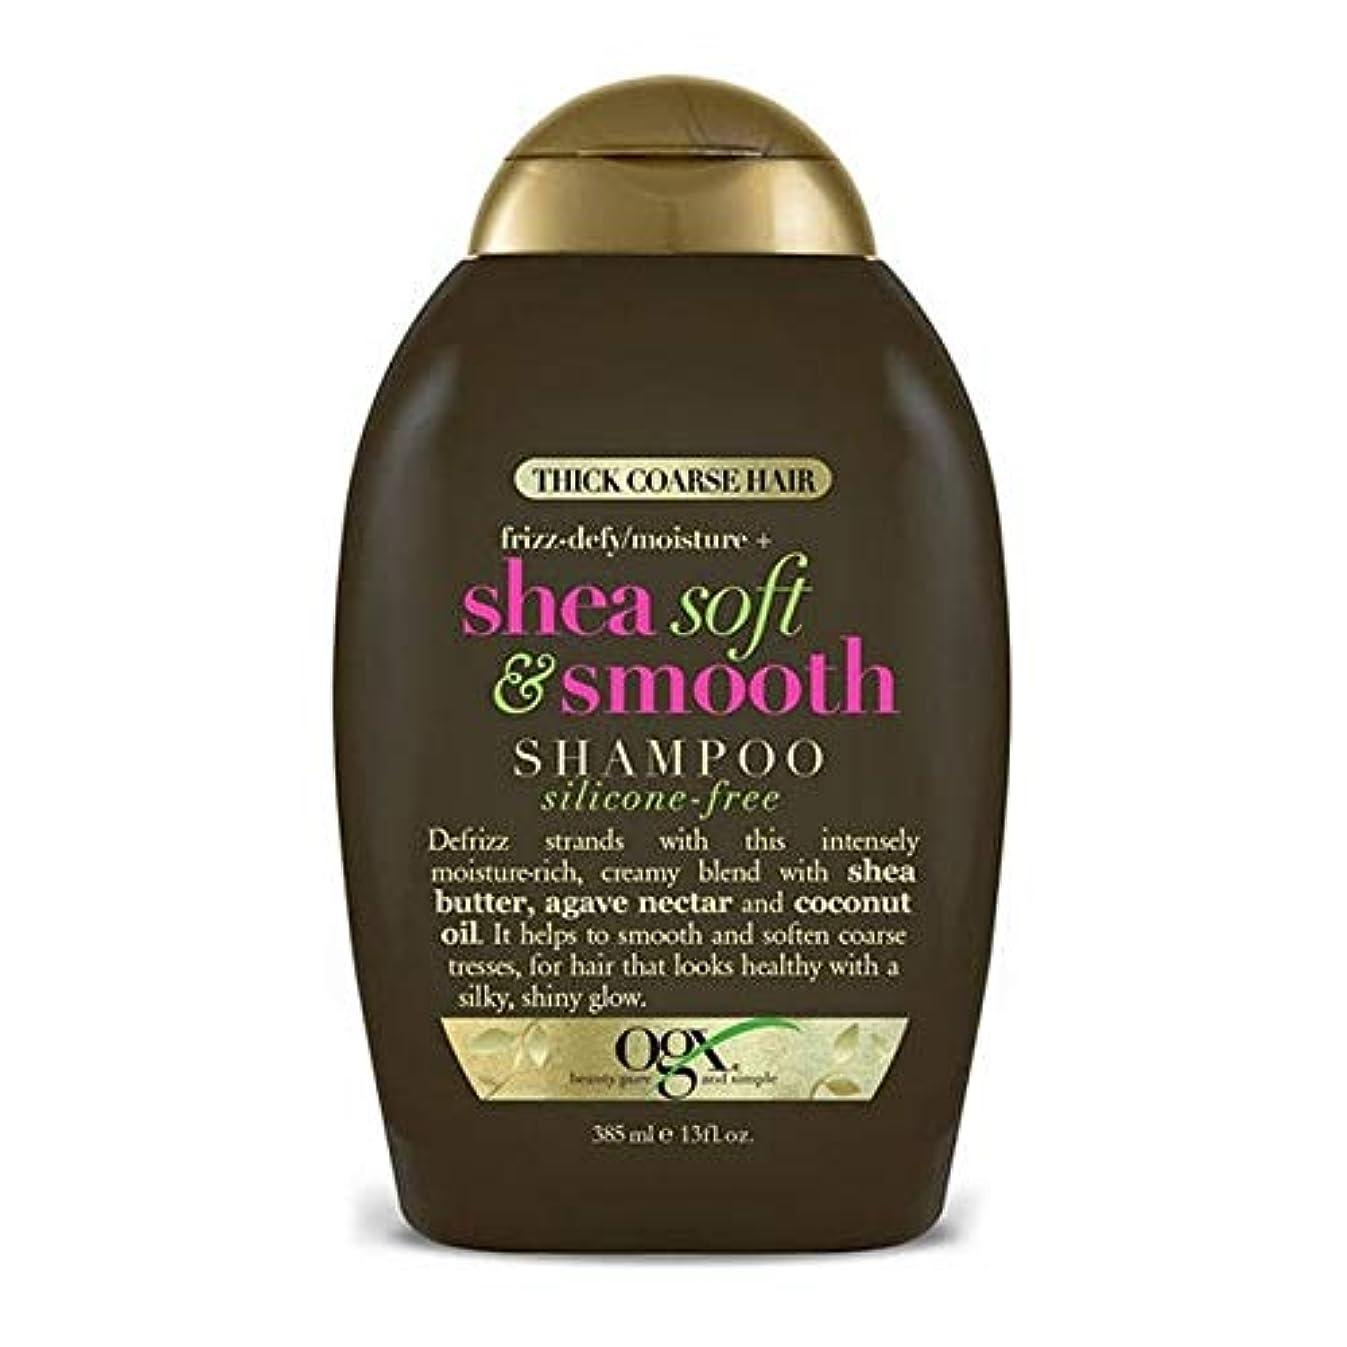 刑務所同化インディカ[Ogx] Ogxシリコンフリーシアソフトで滑らかなシャンプー385ミリリットル - OGX Silicone-Free Shea Soft and Smooth Shampoo 385ml [並行輸入品]